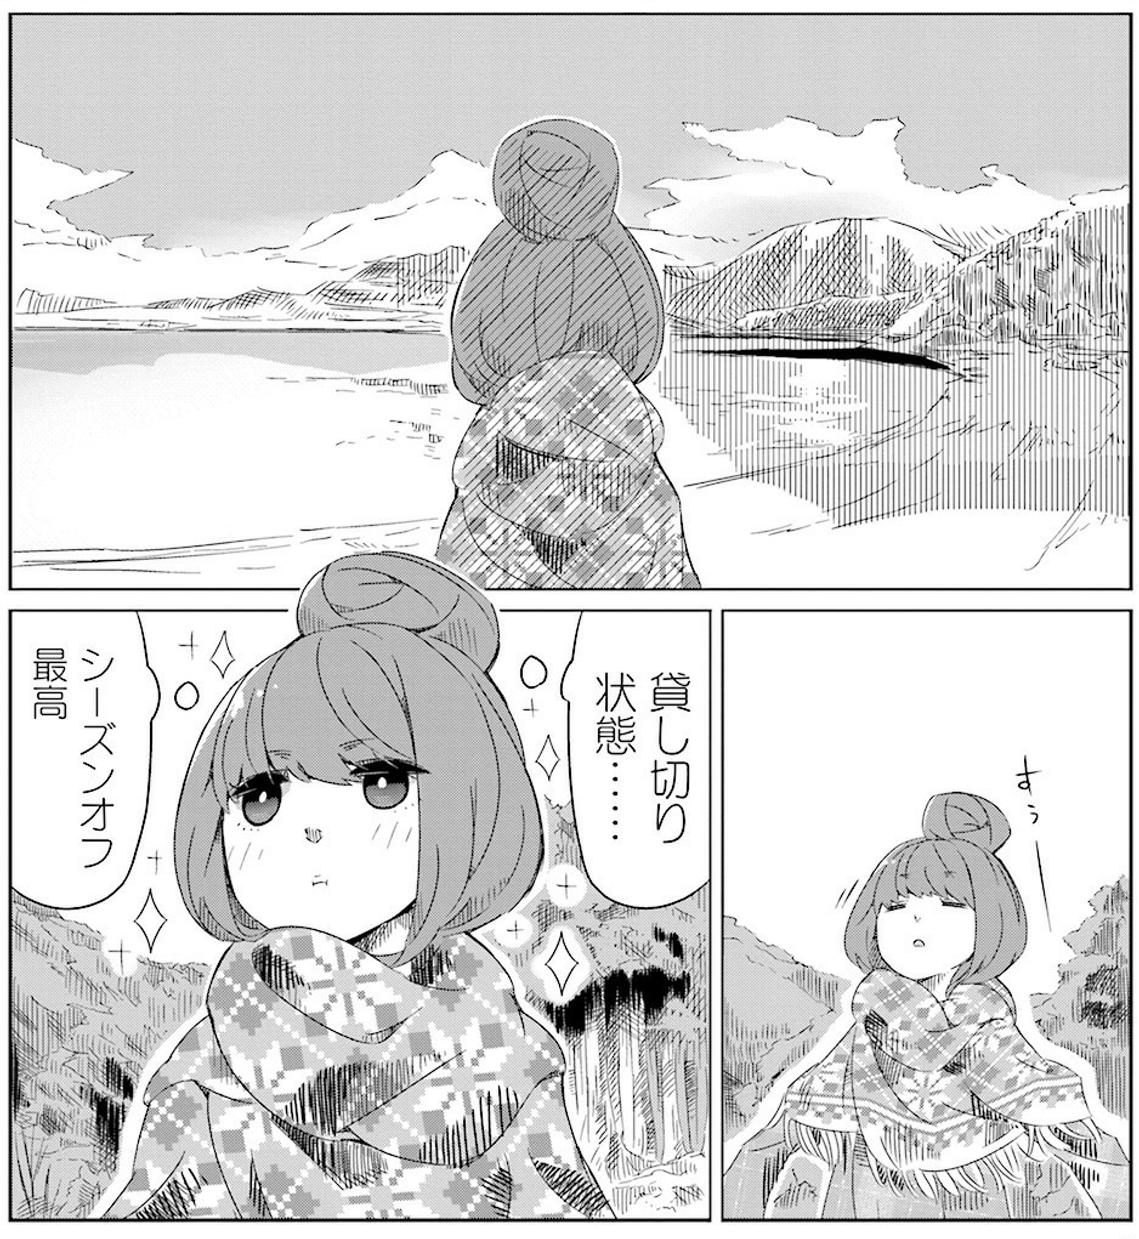 yurucam-manga2.png